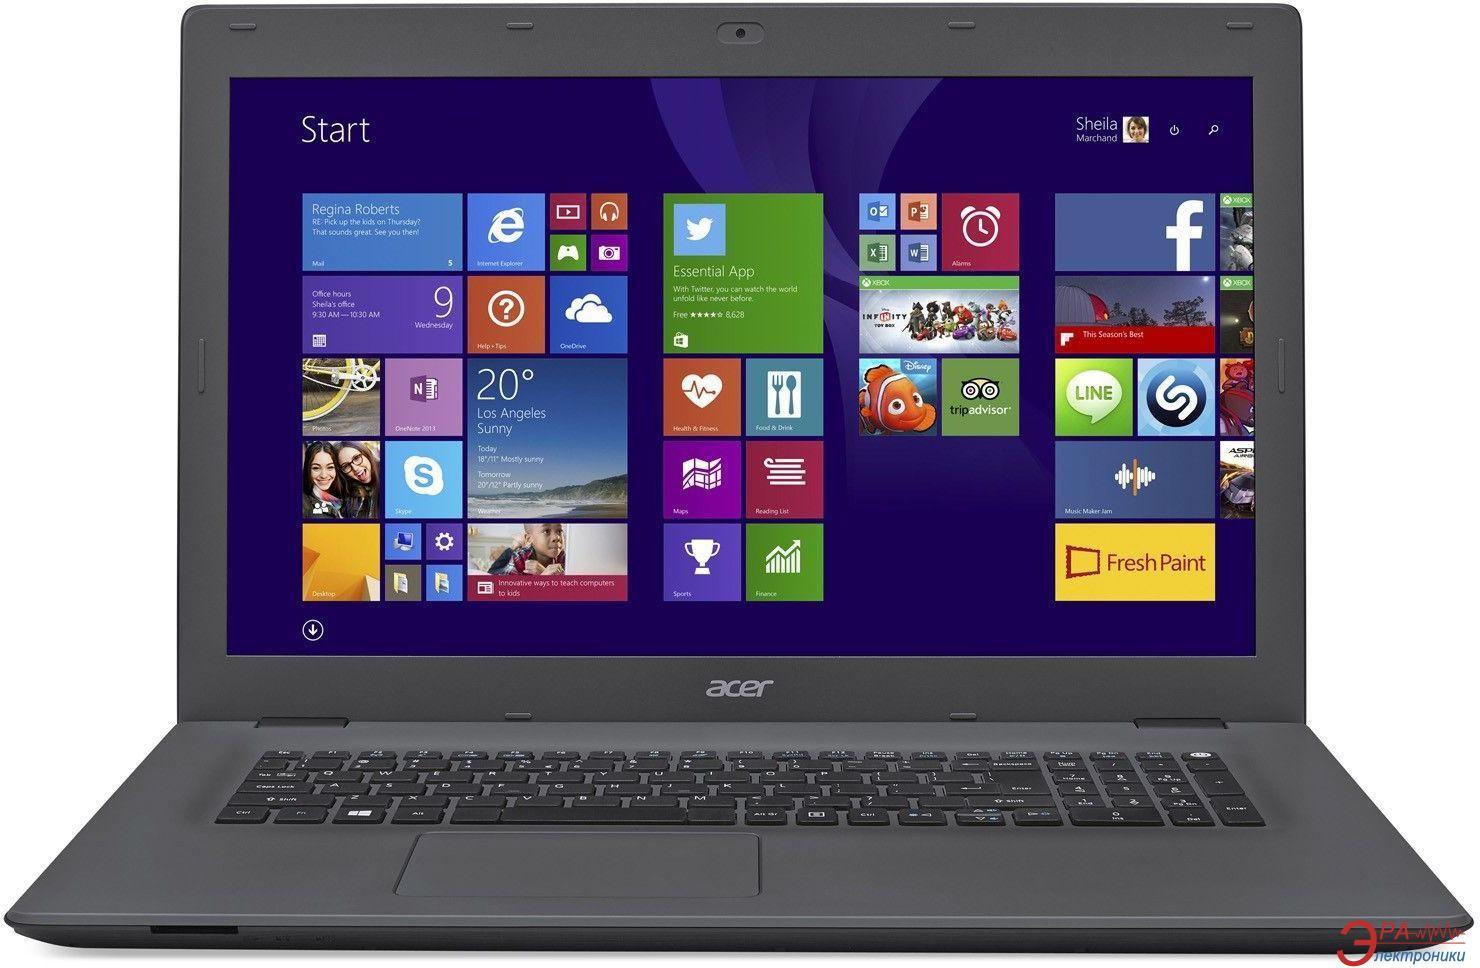 Ноутбук Acer Aspire E5-773G-5665 (NX.G2CEU.001) Black Grey 17,3